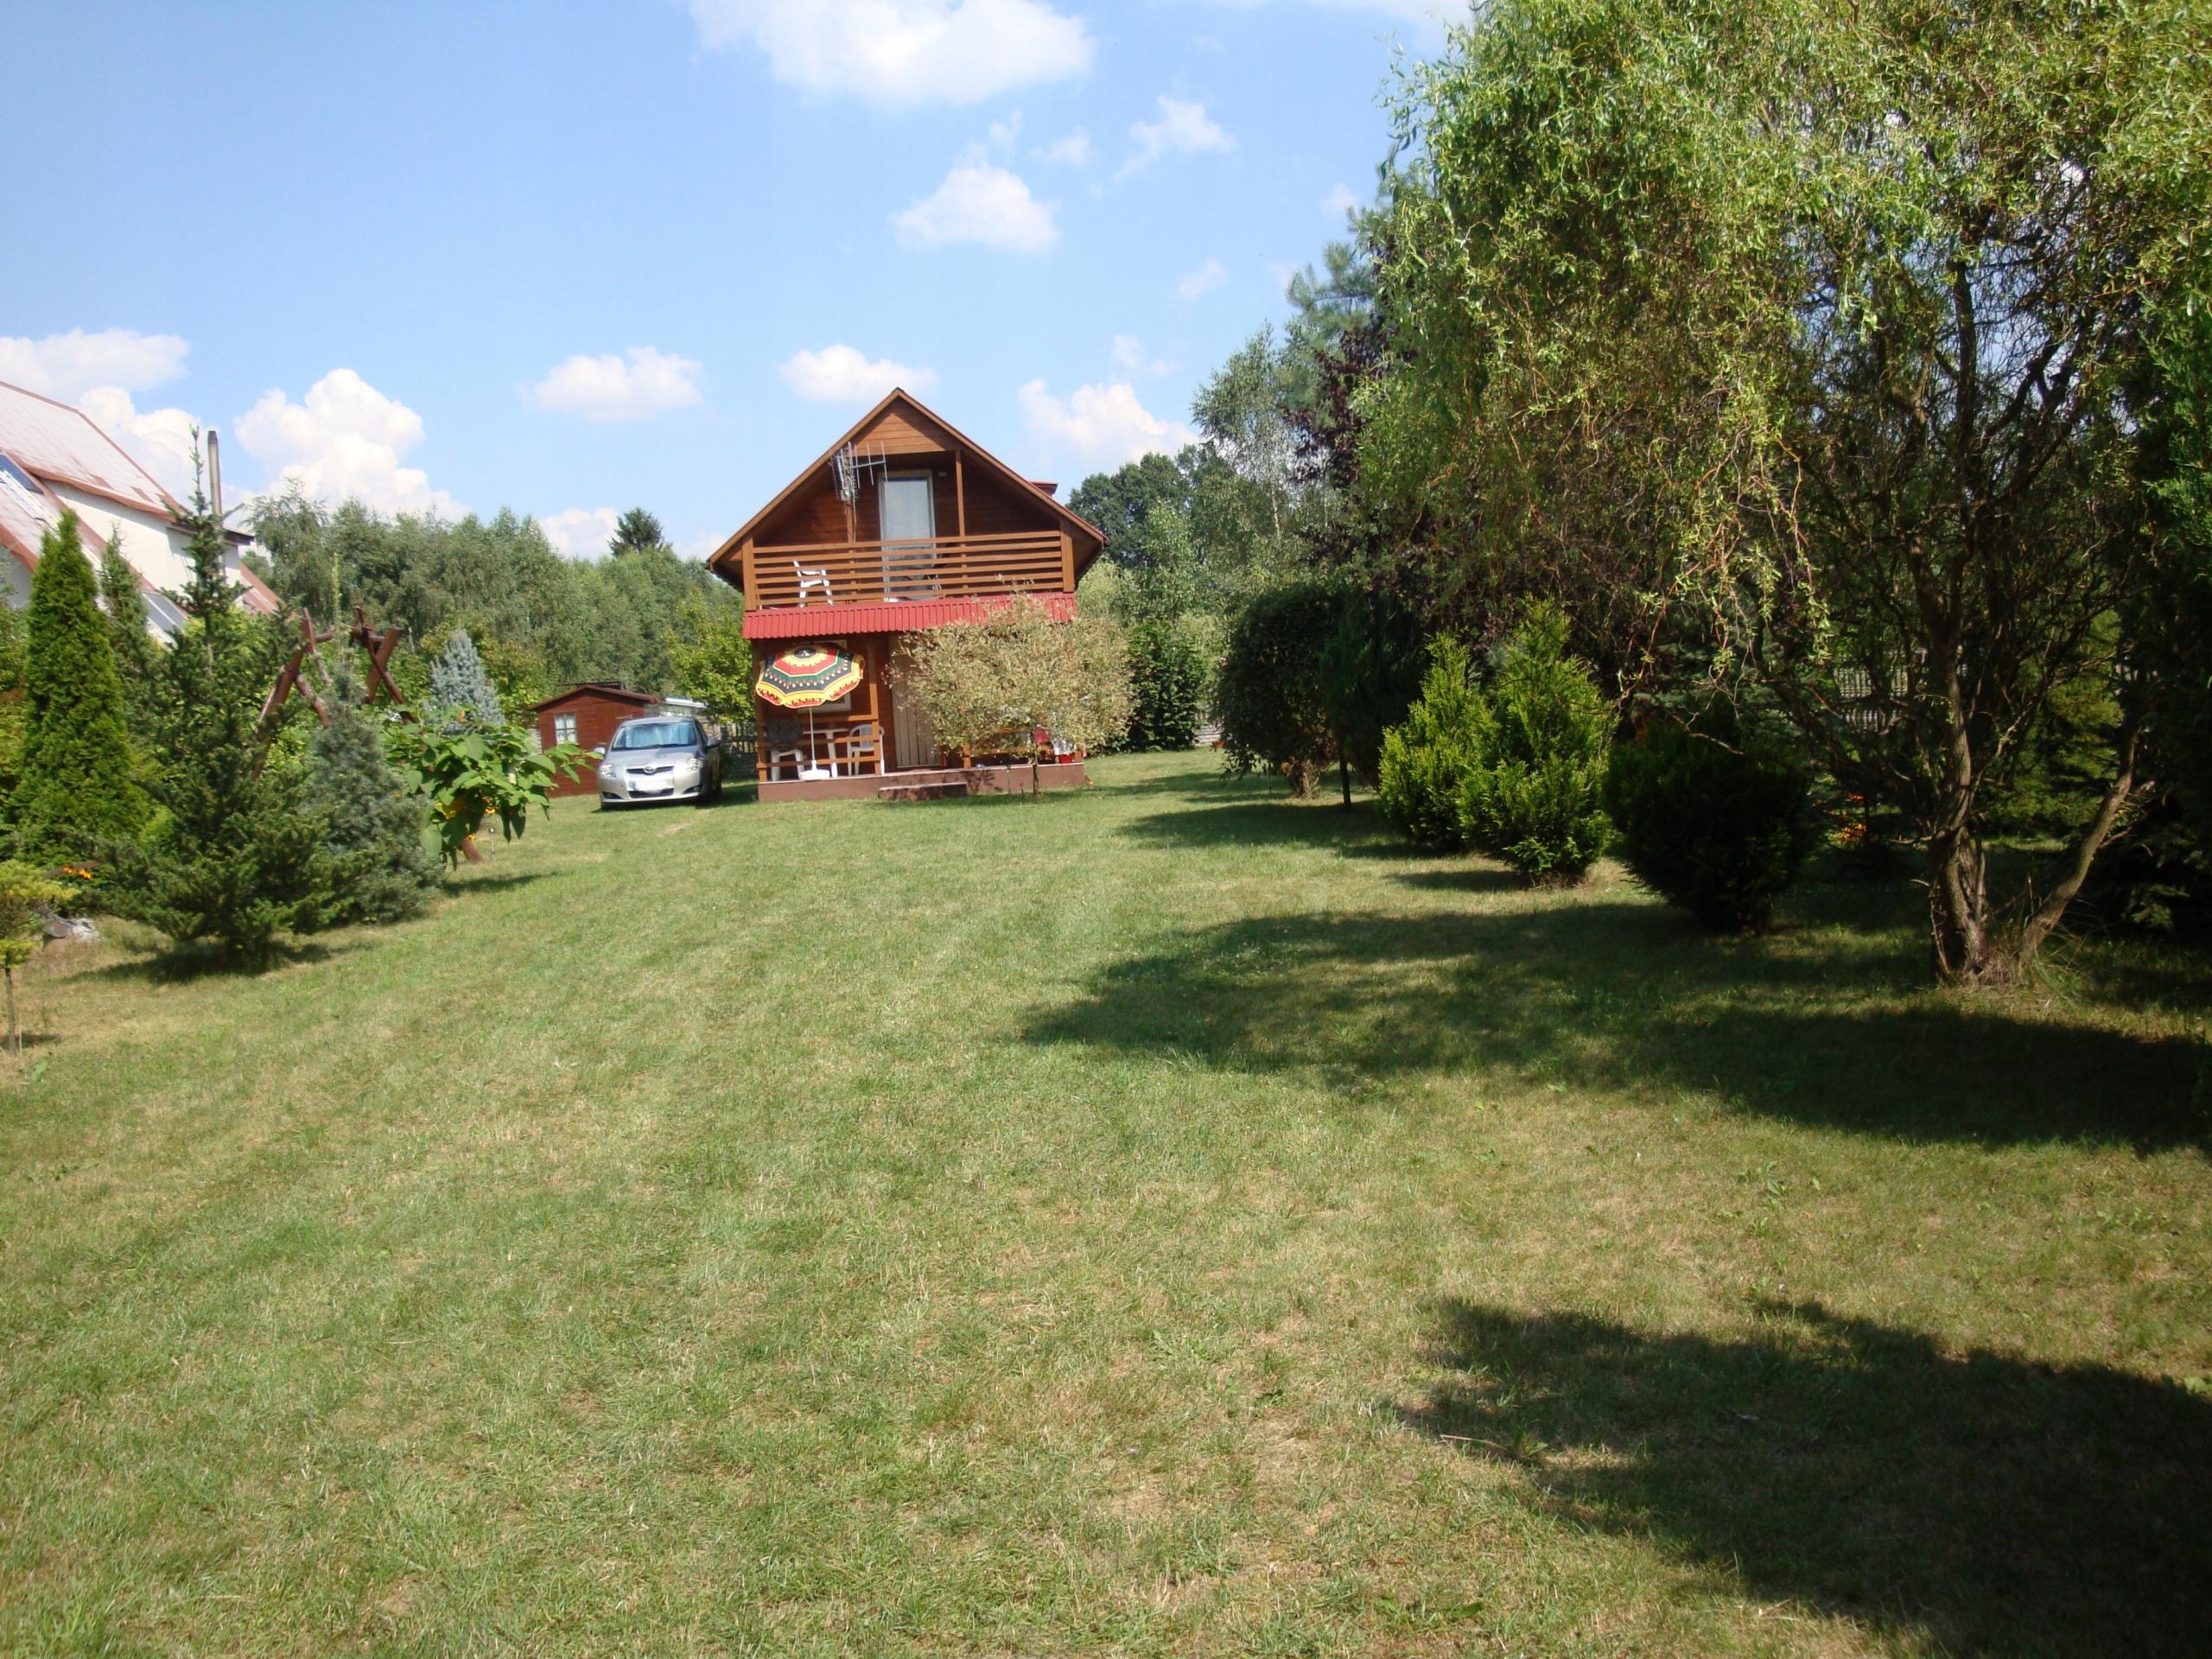 Atrakcyjna działka rekreacyjna z domkiem nad rzeką